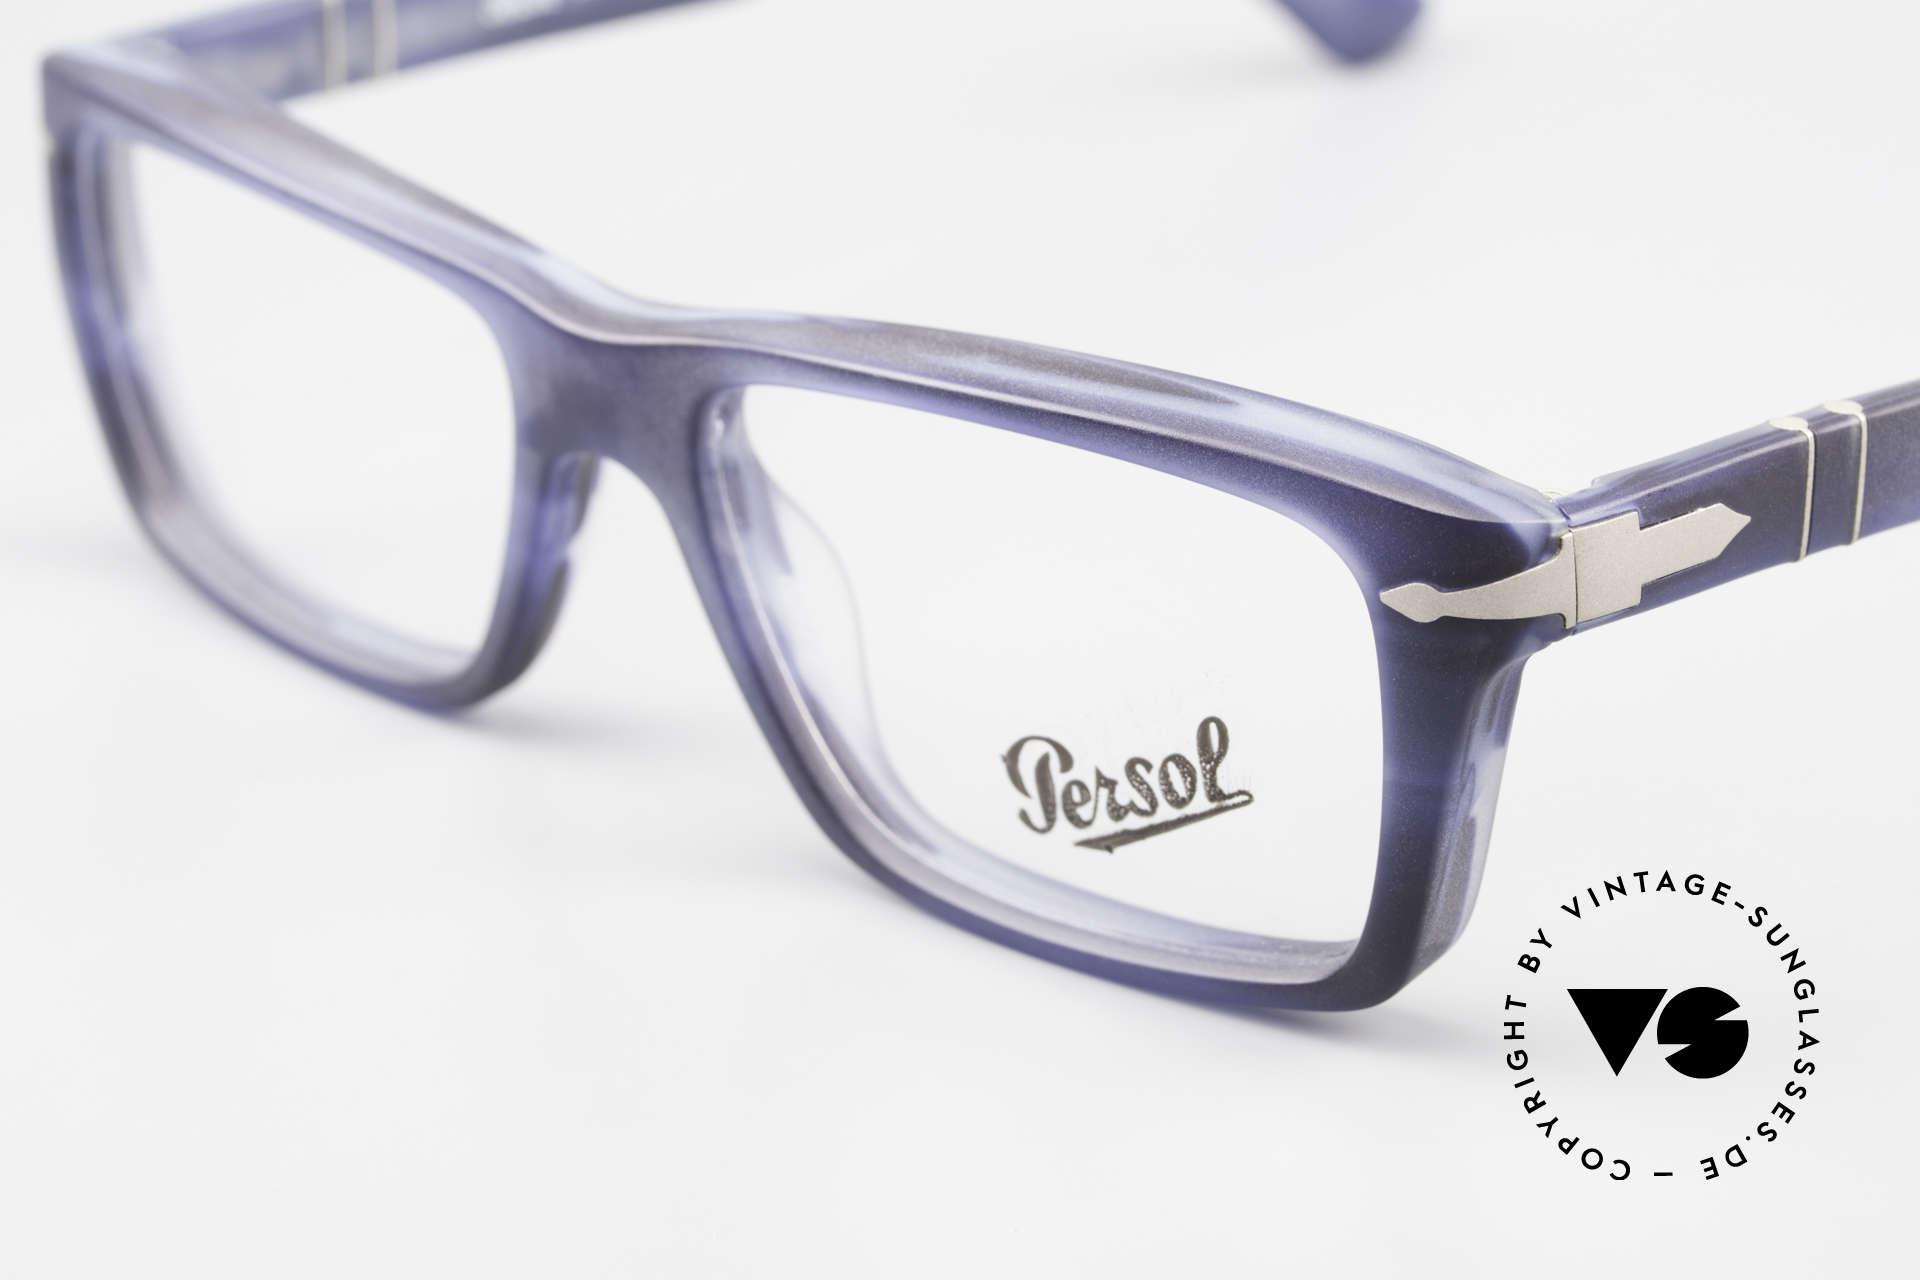 Persol 3060 Striking Eyeglasses For Men, unworn (like all our classic PERSOL eyeglasses), Made for Men